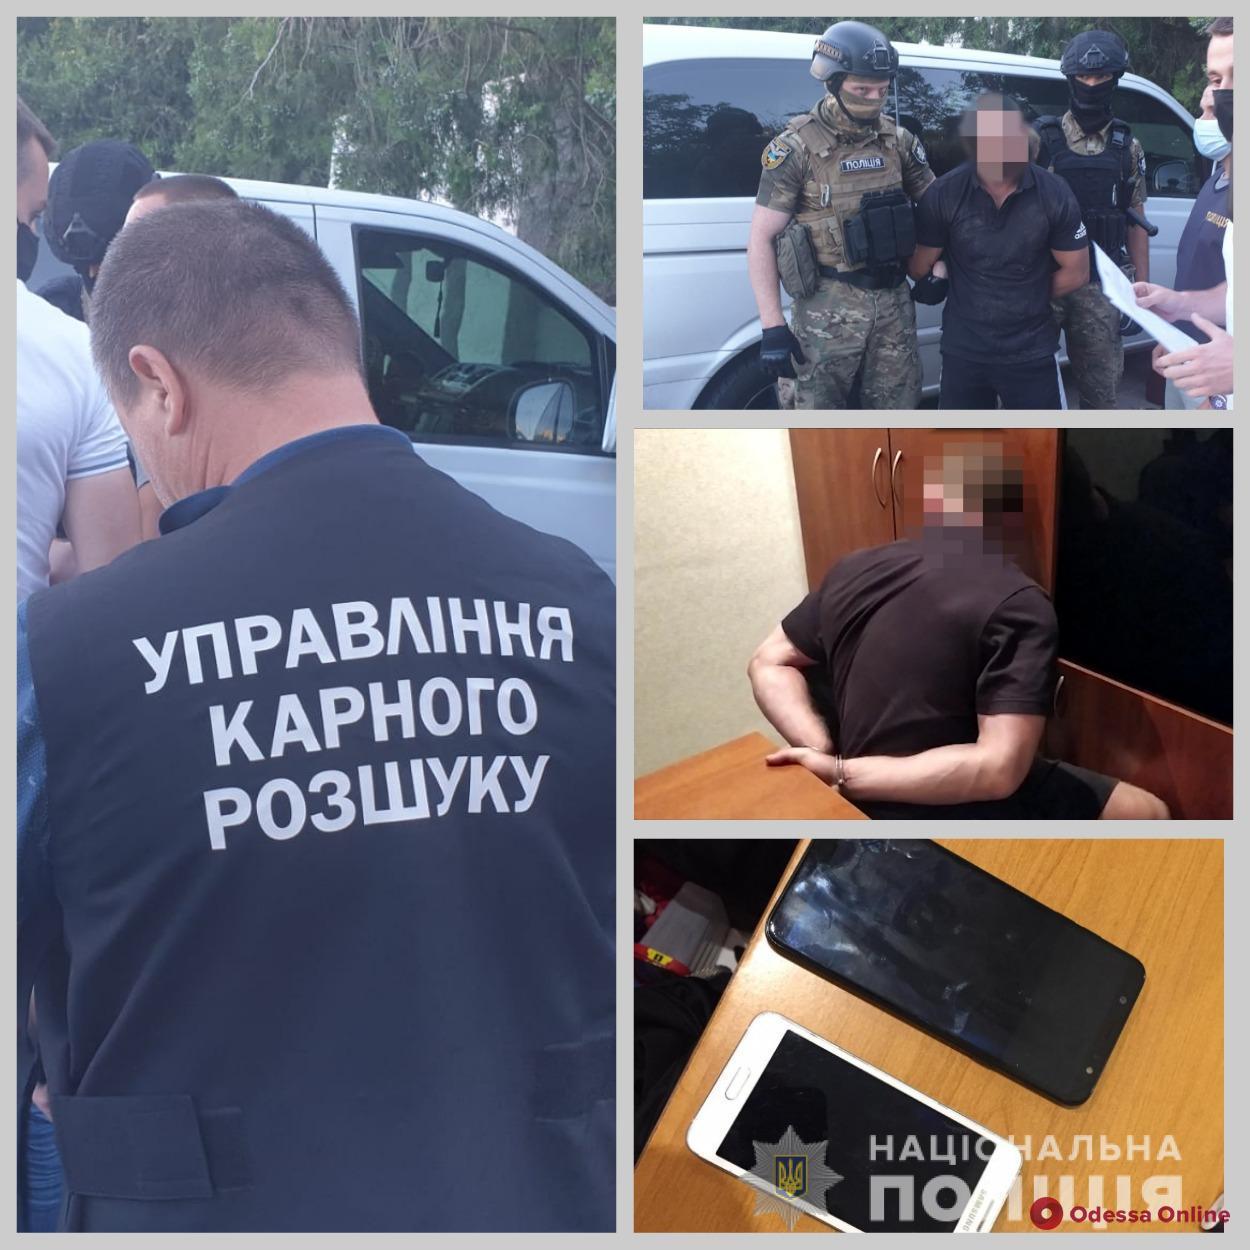 Подозреваемого в нападении на одесского активиста задержали и отправили в СИЗО (видео)